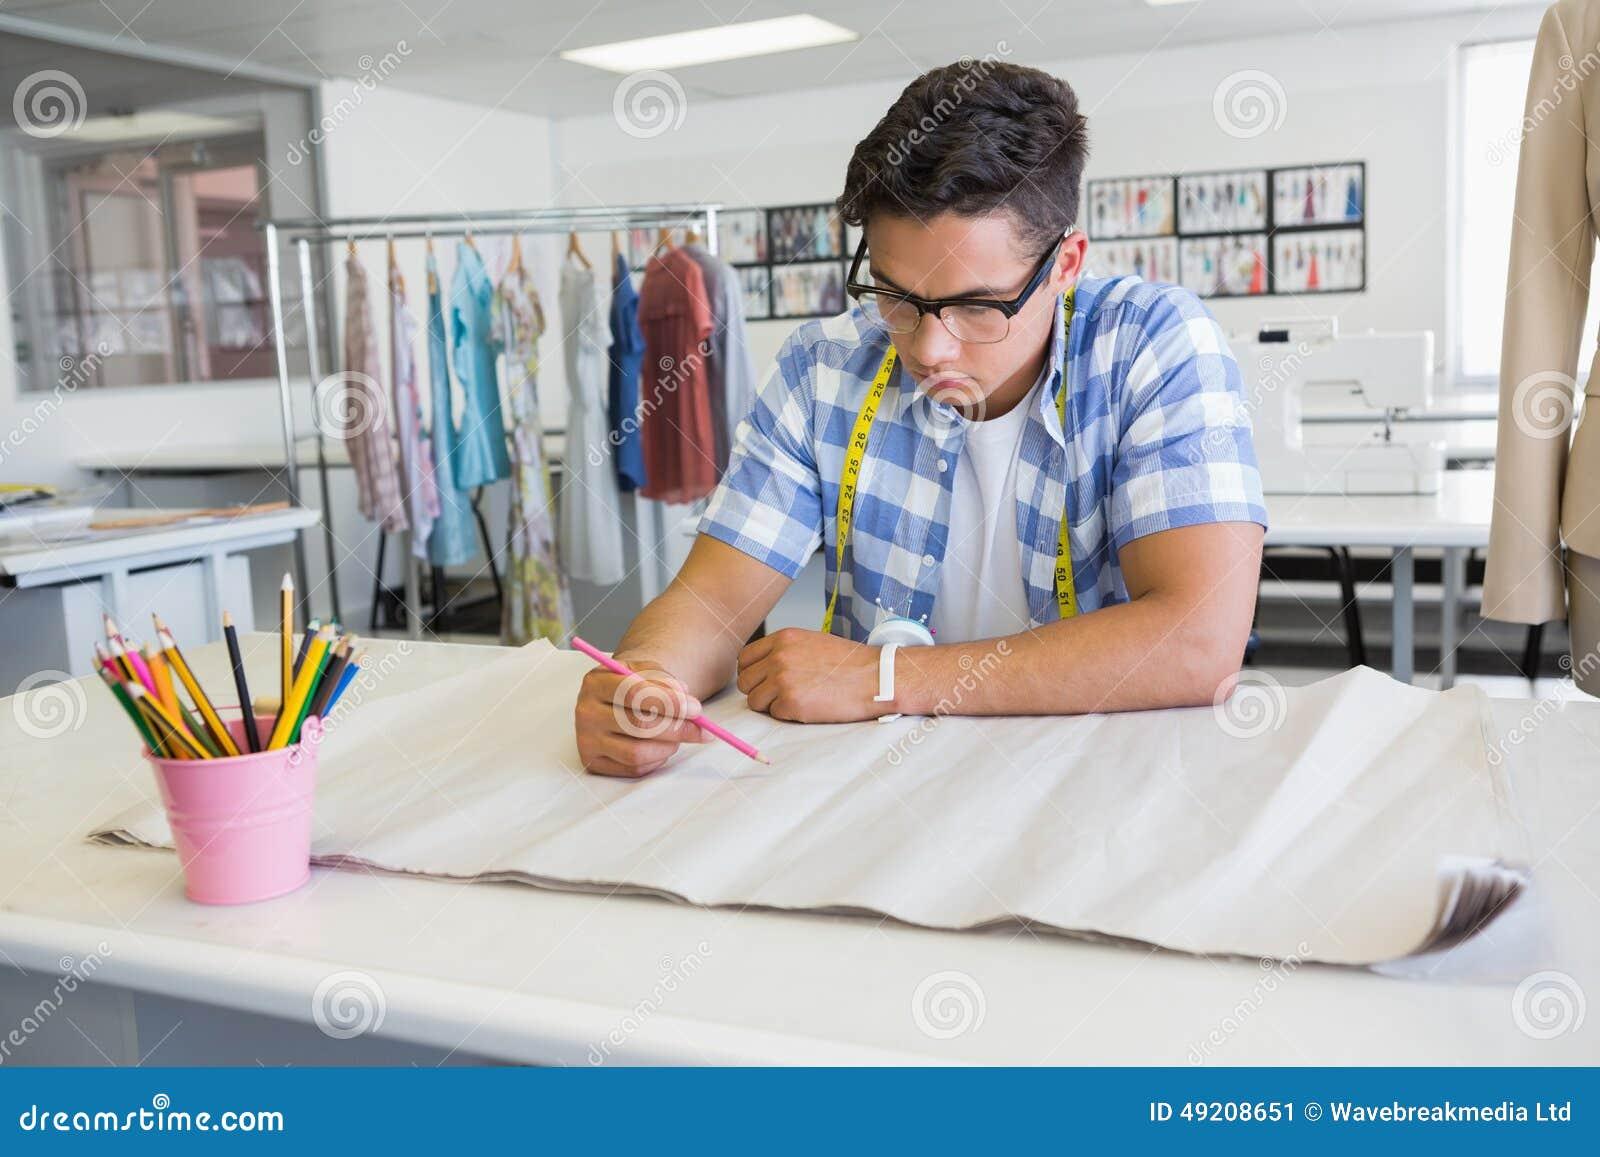 Dessin Concentre D Etudiant Universitaire Sur Le Papier Image Stock